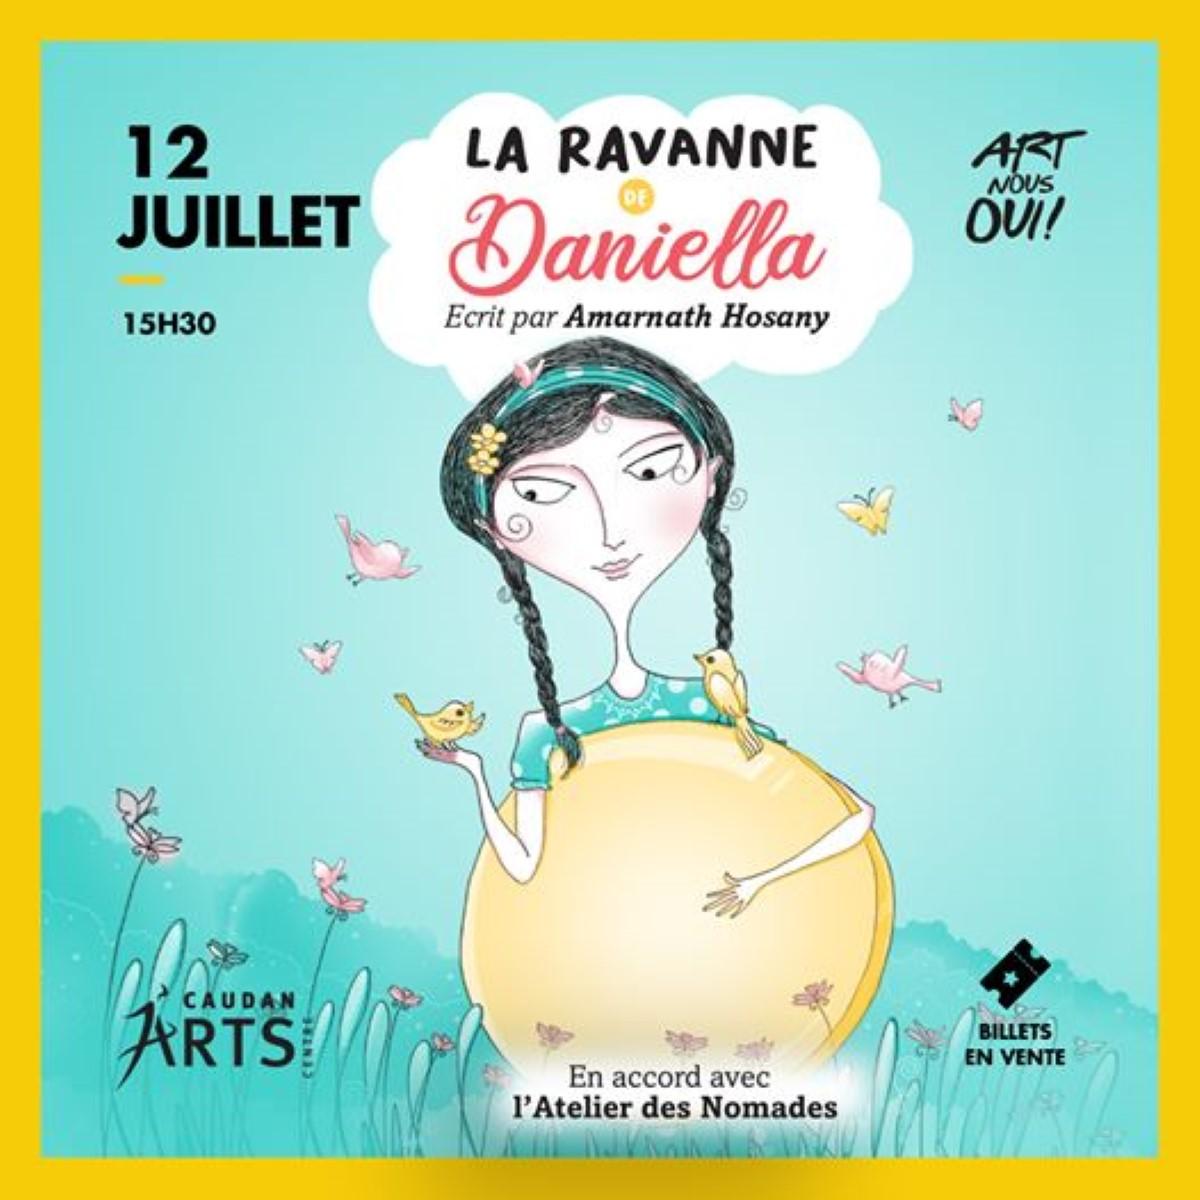 La Ravanne de Daniella revient au Caudan Arts Centre